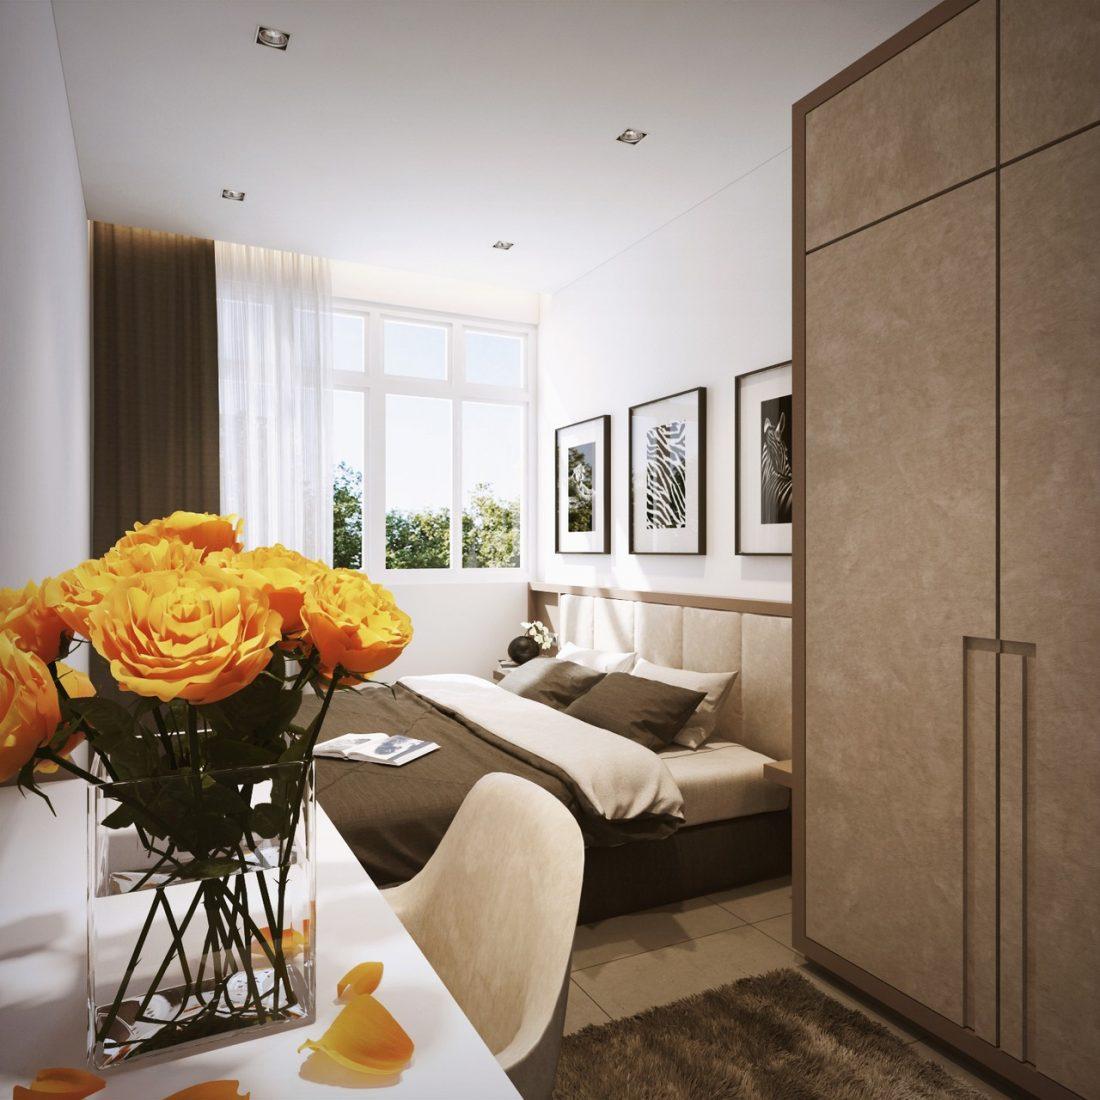 Interior Design SA65 Simpang Ampat Penang Malaysia Guest Room Design v1